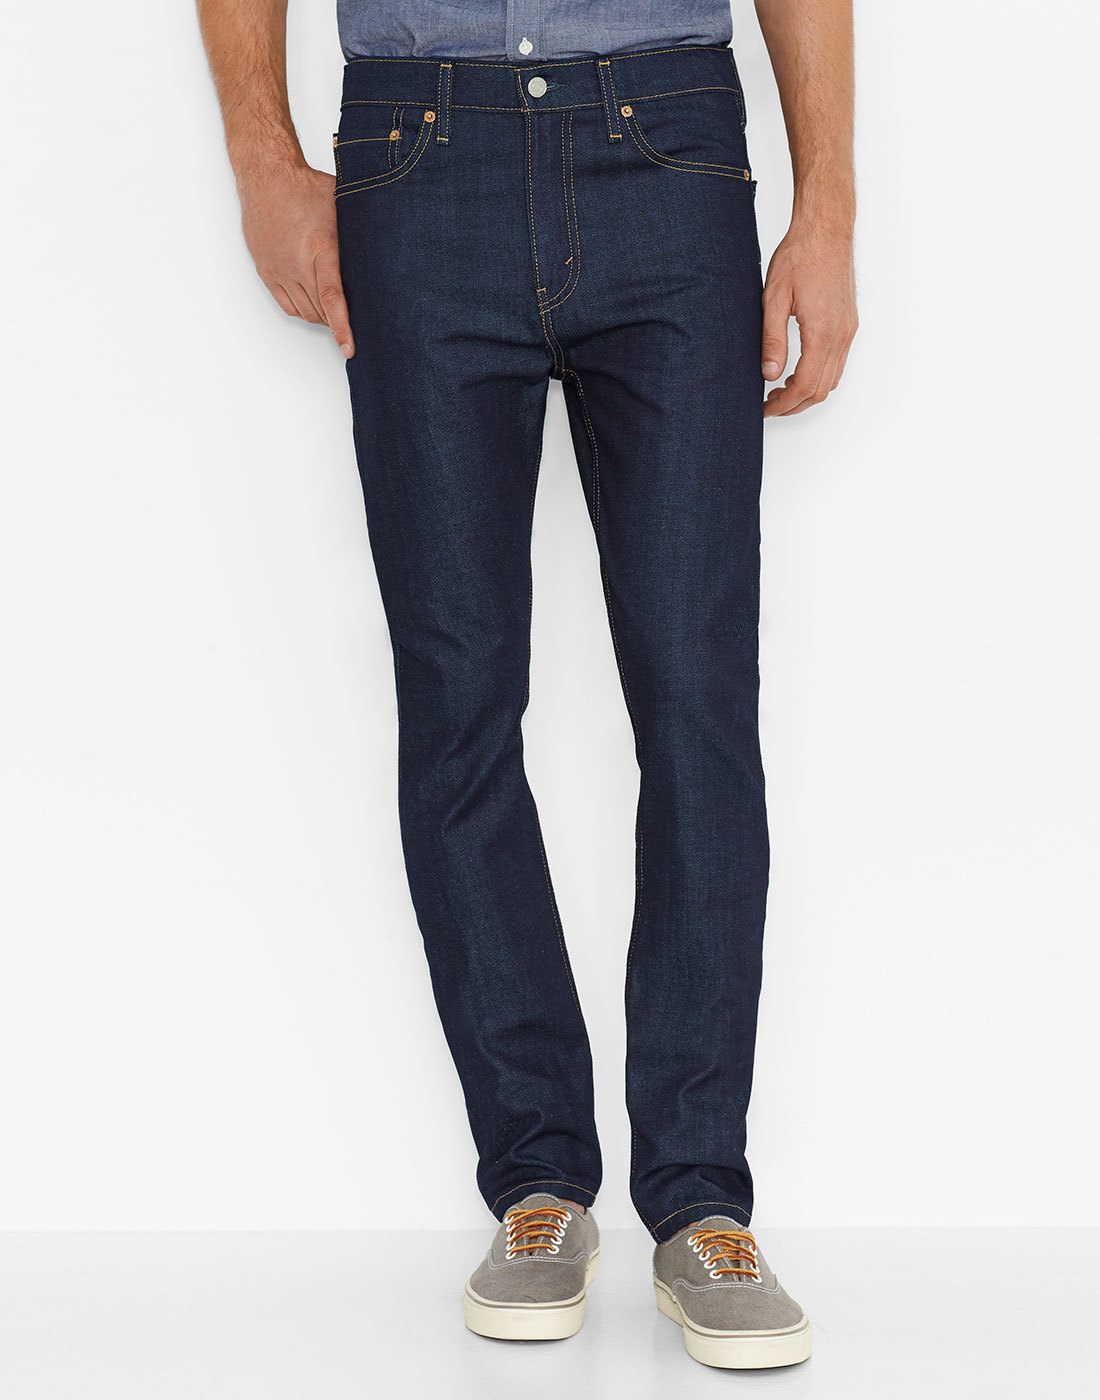 LEVI'S® 510 Mod Skinny Fit Denim Jeans BROKEN RAW